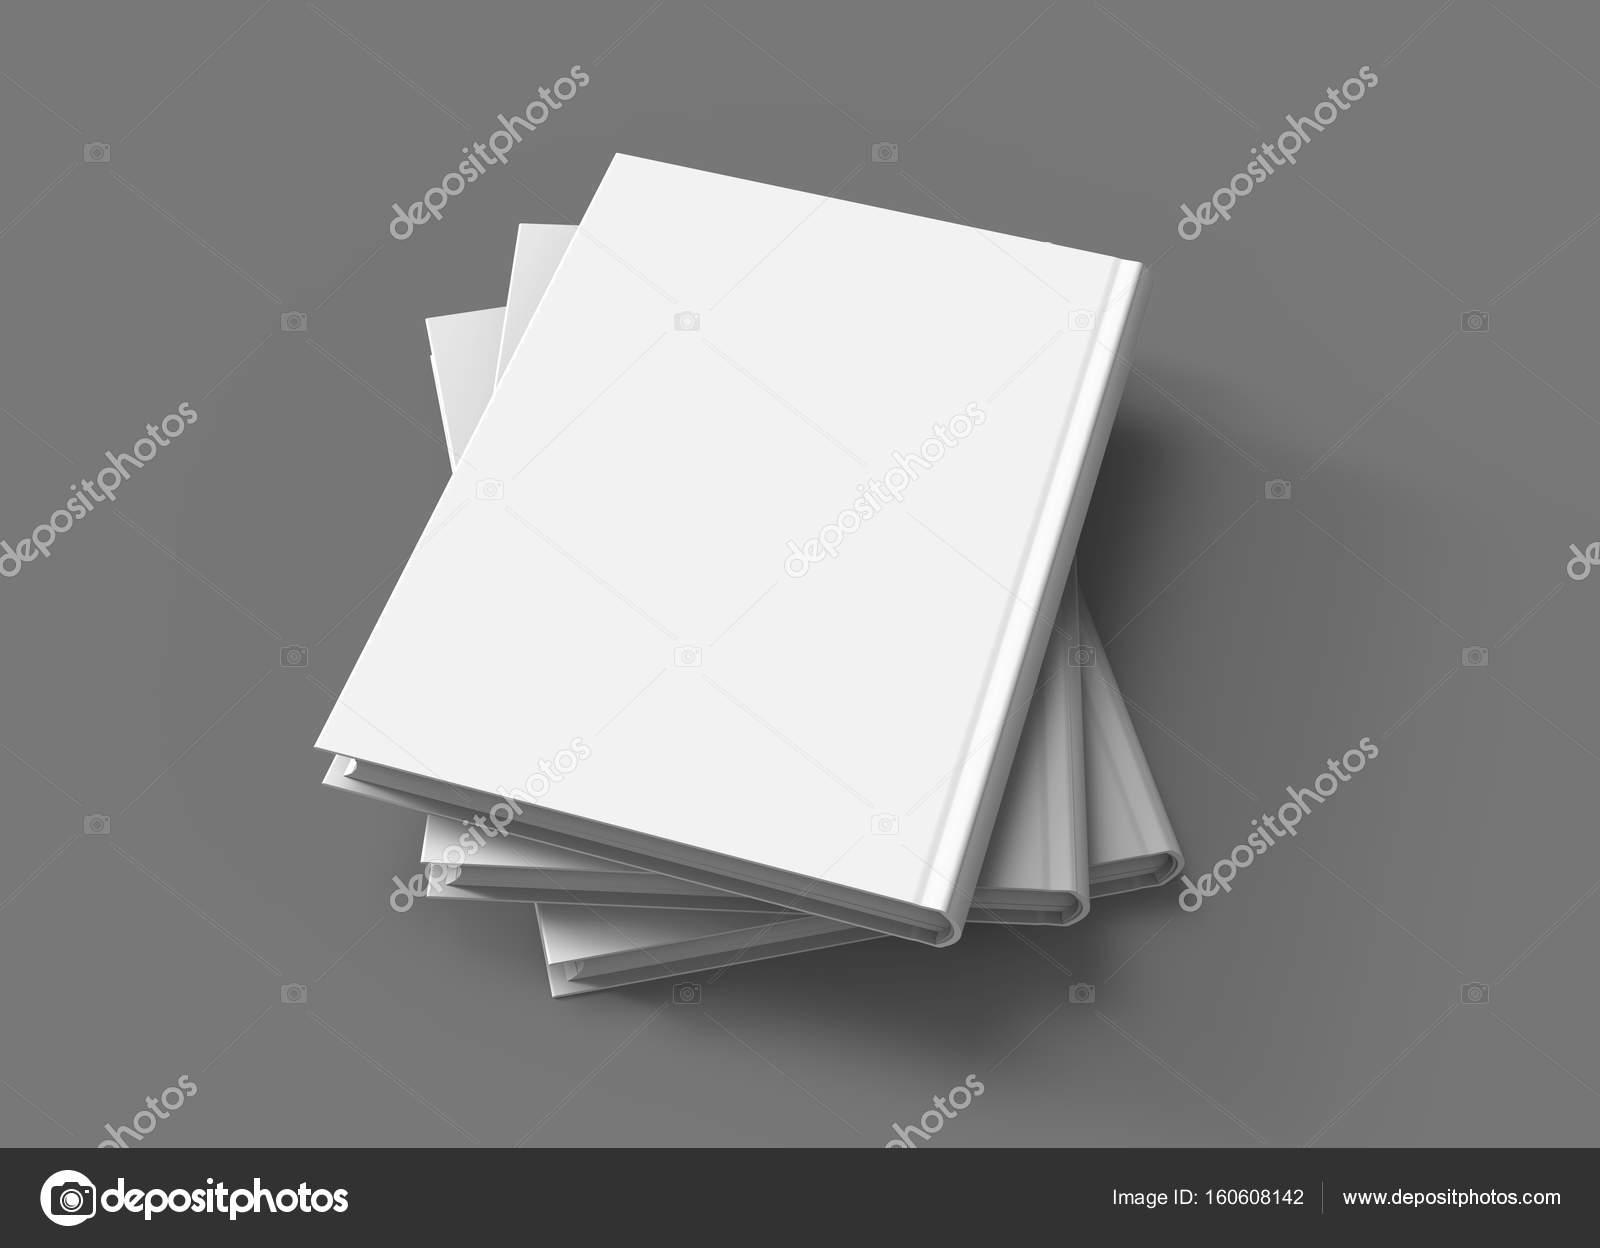 Hardcover-Bücher-Vorlage — Stockfoto © kchungtw #160608142